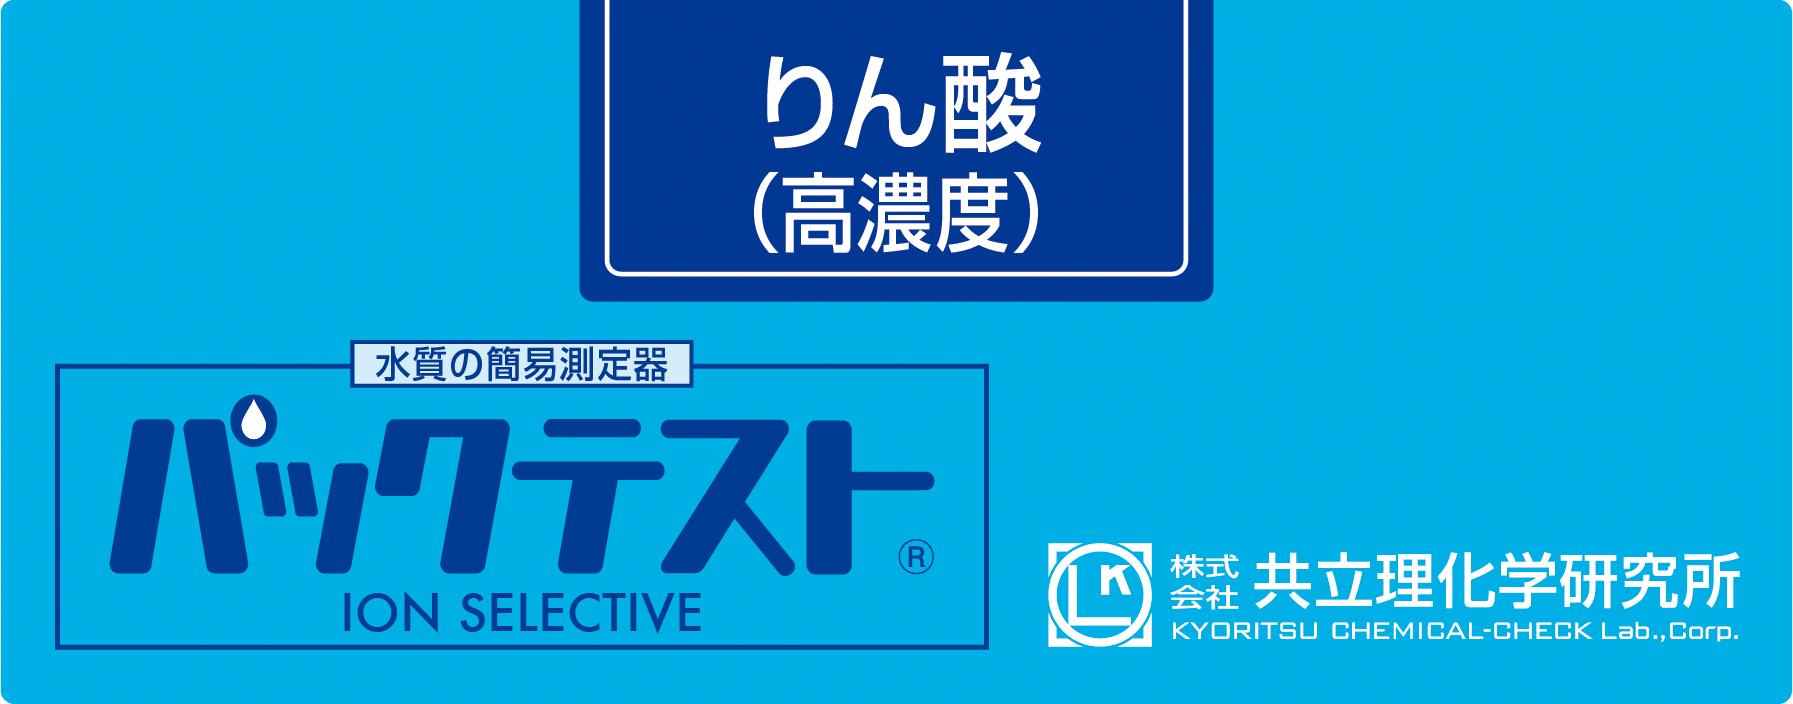 パックテスト りん酸(高濃度)